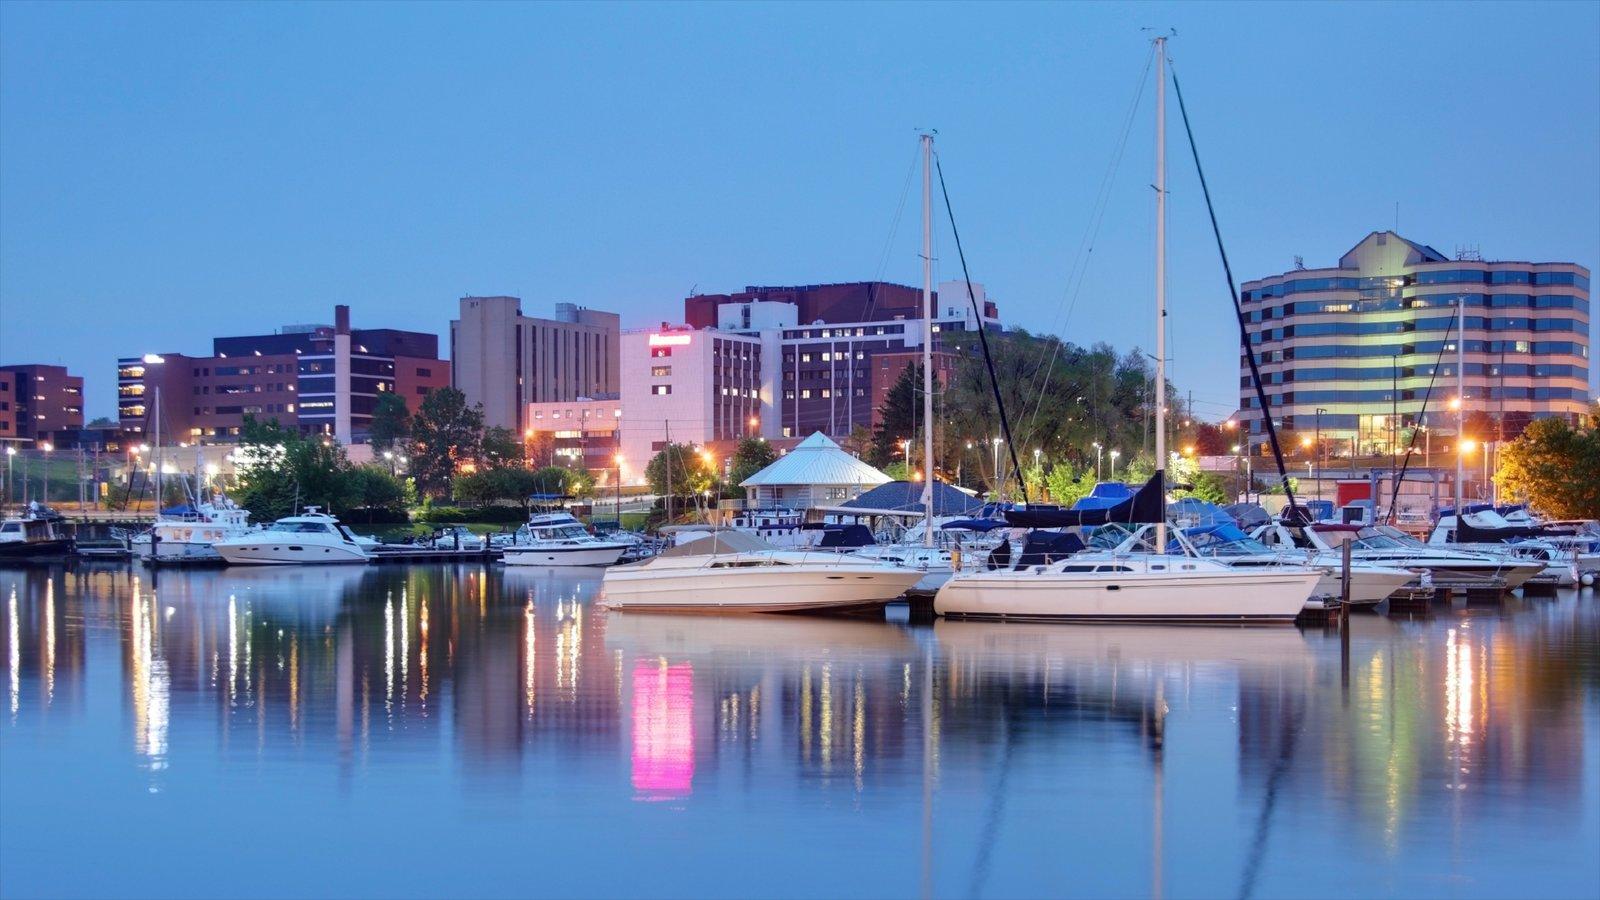 Erie caracterizando um lago ou charco, uma cidade e cenas noturnas